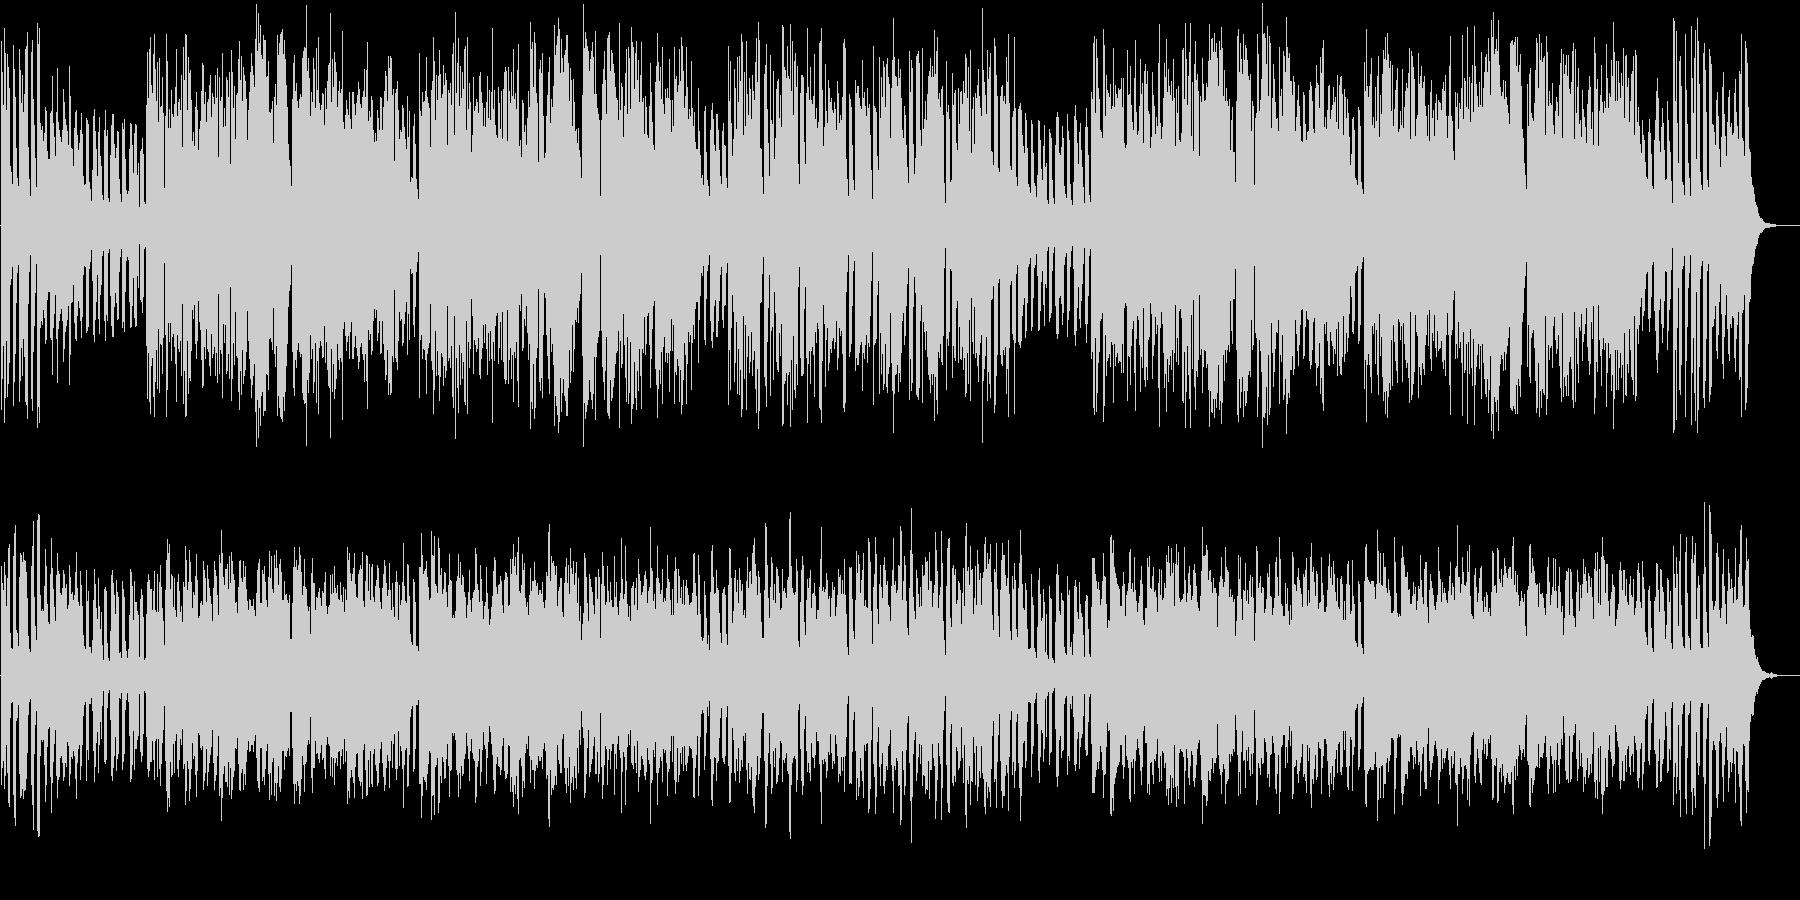 メリーゴーラウンド風ワルツBGM♪の未再生の波形